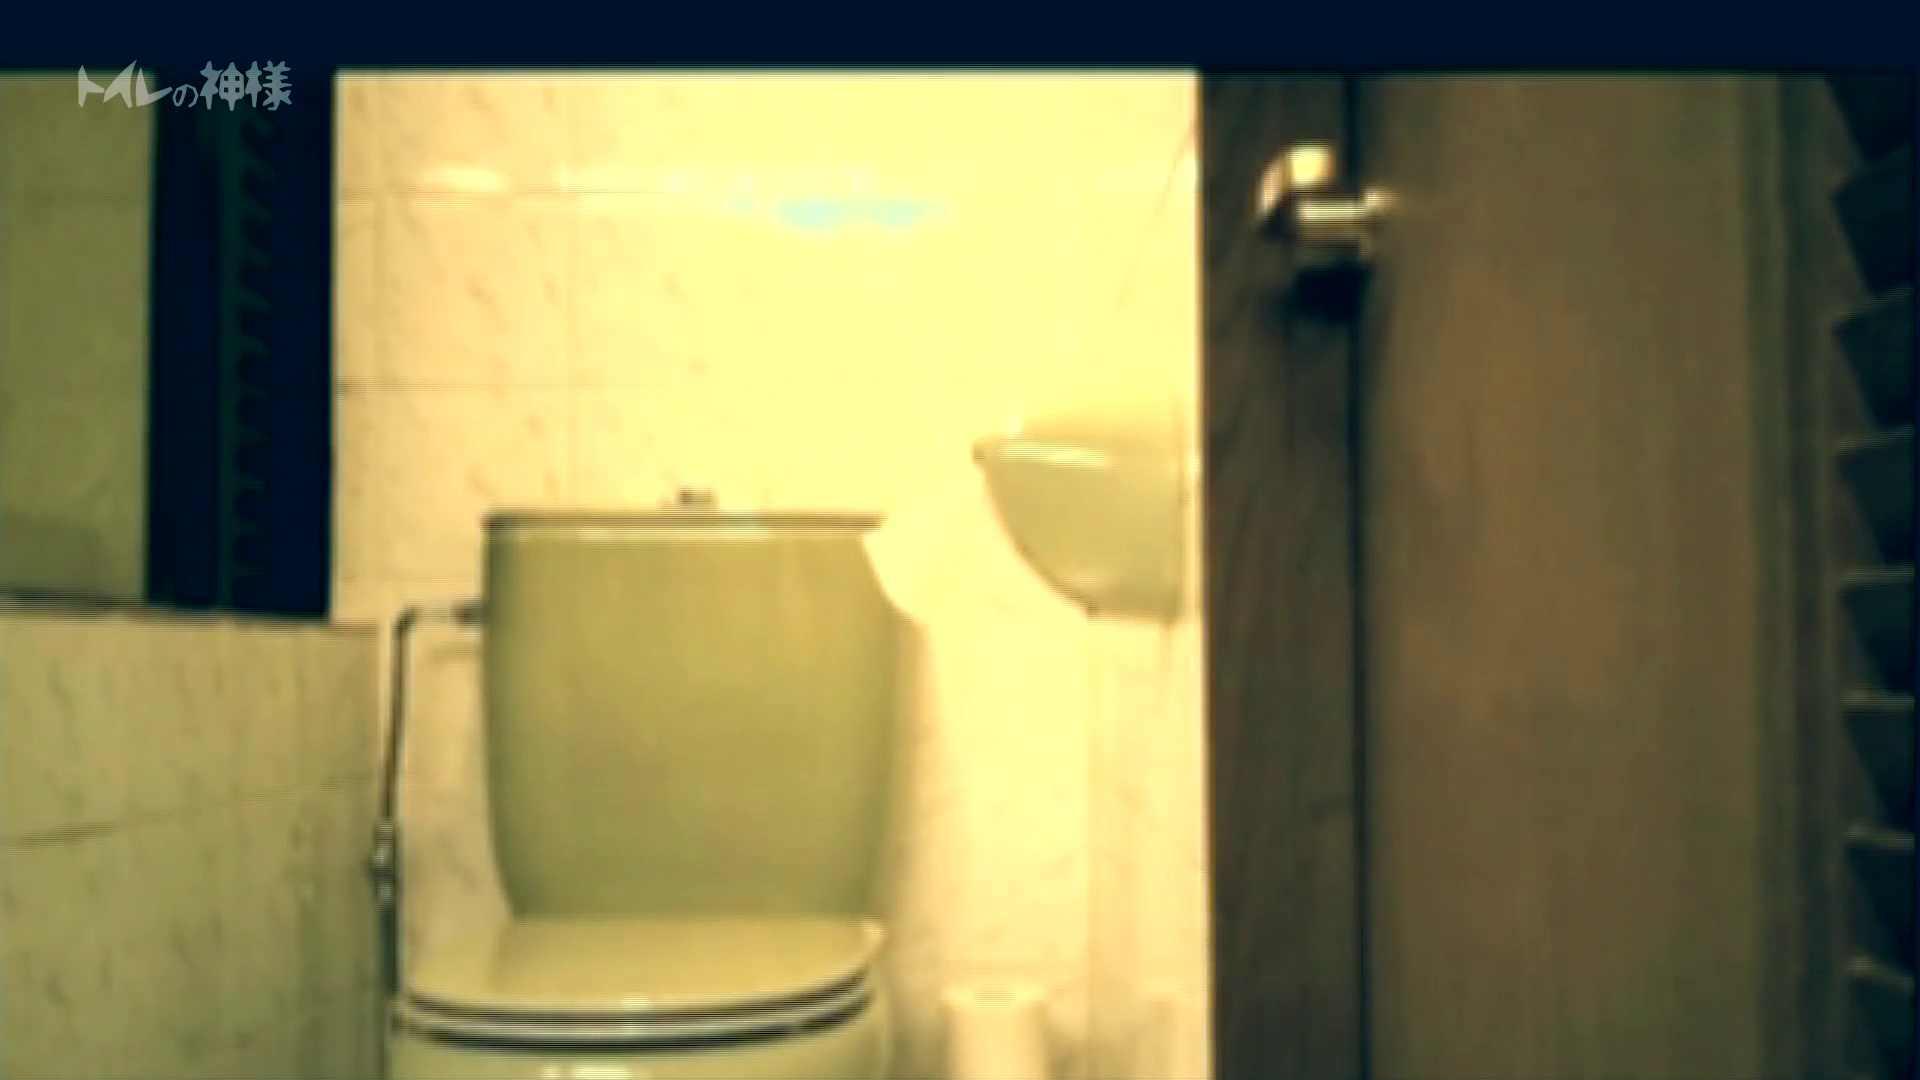 トイレの神様 Vol.01 花の女子大生うんこ盗撮1 Hな女子大生 のぞき動画キャプチャ 96pic 5